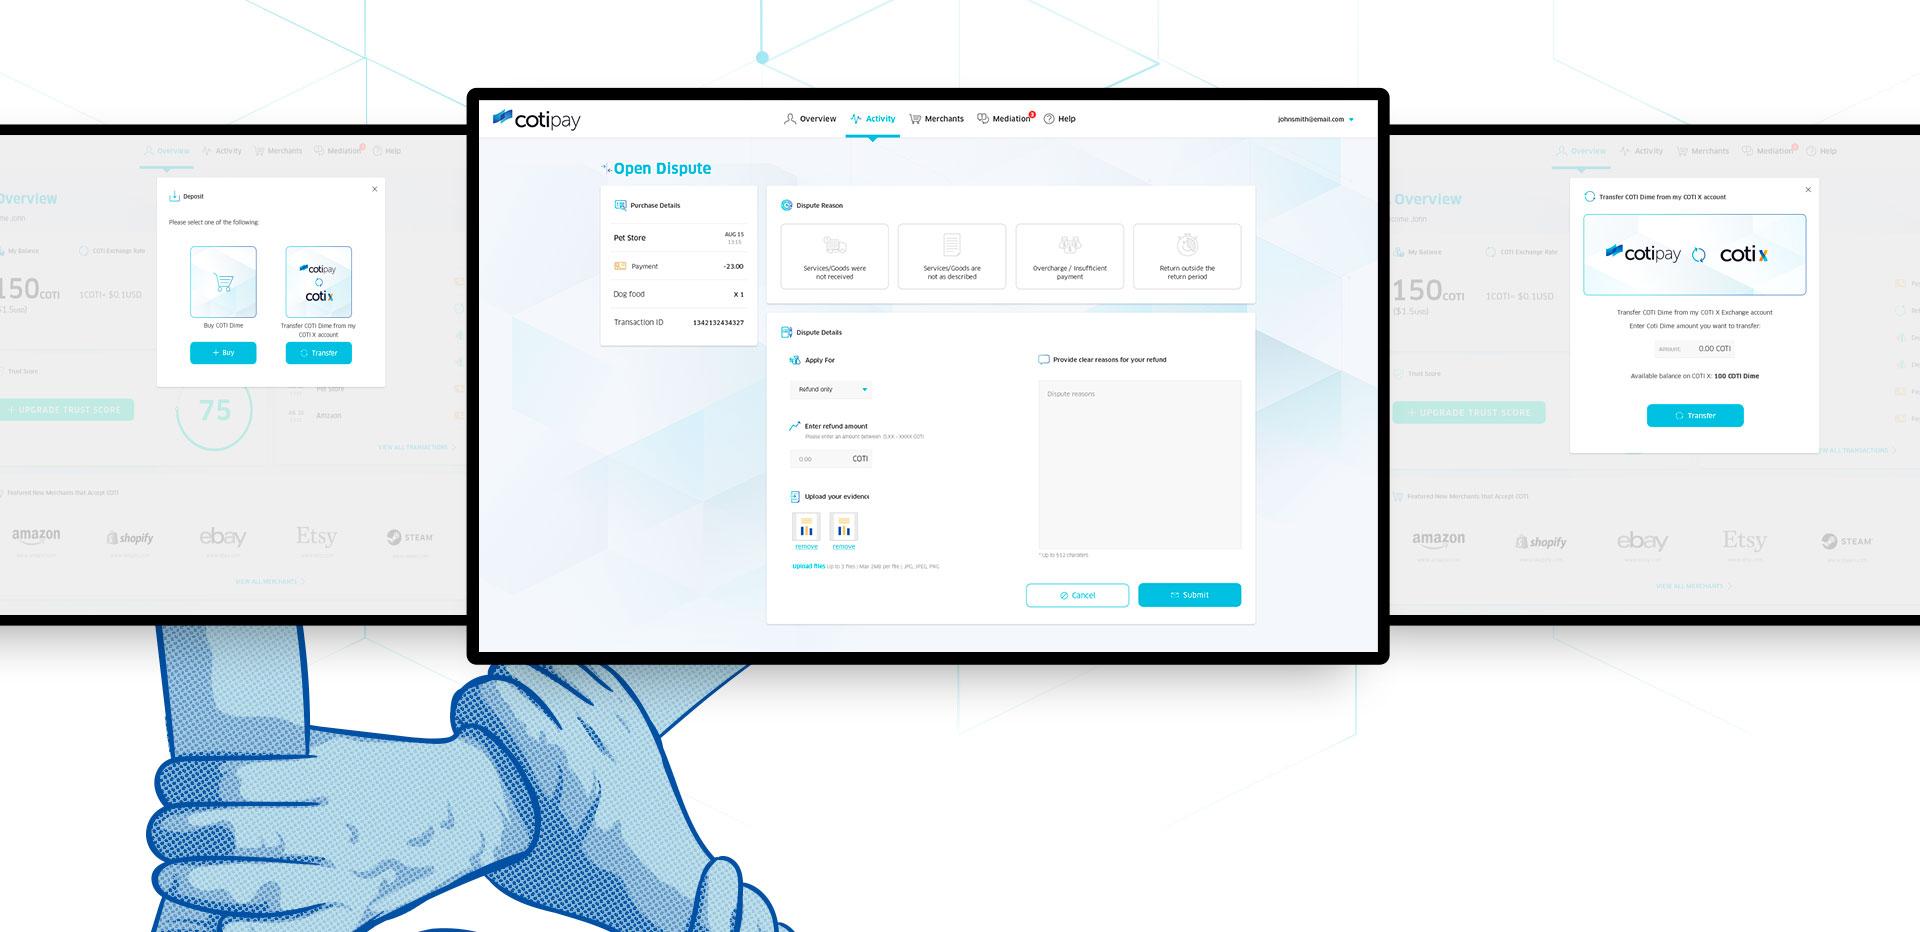 Cotipay - UI & UX for digital crypto currency payment system by COTI תכנון חוויית משתמש ועיצוב ממשק משתמש לארנק דיגיטלי קריפטו 4